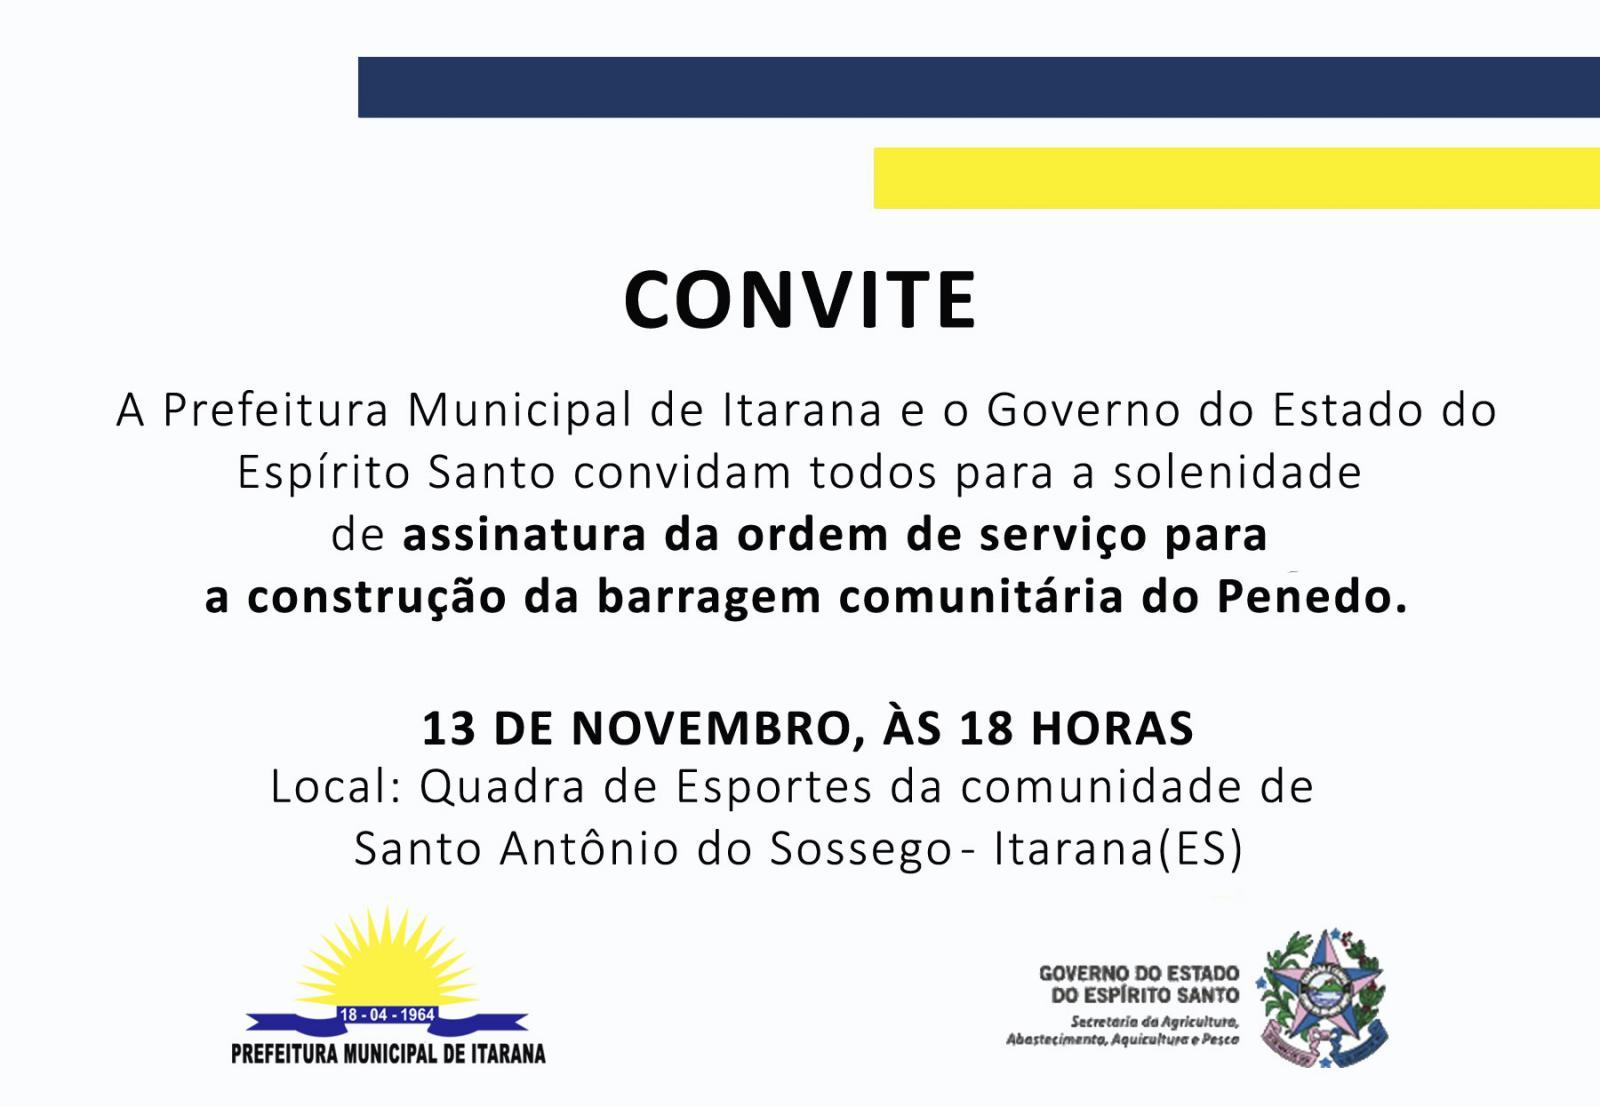 Convite: Assinatura da ordem de serviço da barragem comunitária do Penedo